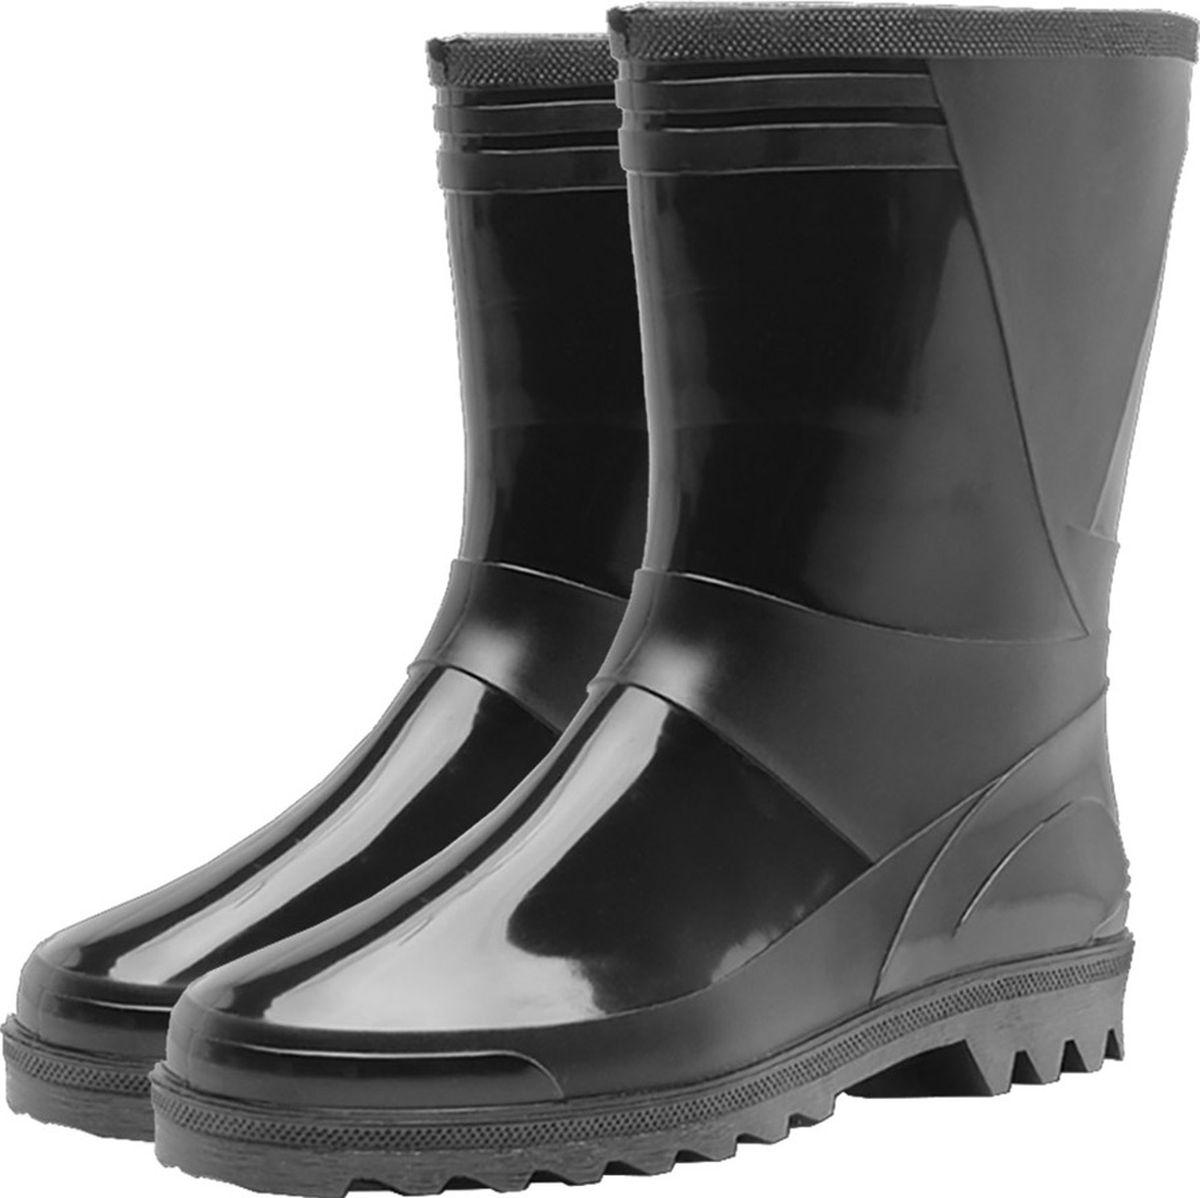 Сапоги мужские Дюна, цвет: черный. 140-901-43. Размер 43140-901-43Мужские сапоги Дюна выполнены из материала ПВХ, изготовленные по технологии двухкомпонентного литья. Модель обладает высокой эластичностью даже при минусовой температуре, защищает от промокания. Мужские сапоги Дюна - хорошая обувь с широким спектром применения.